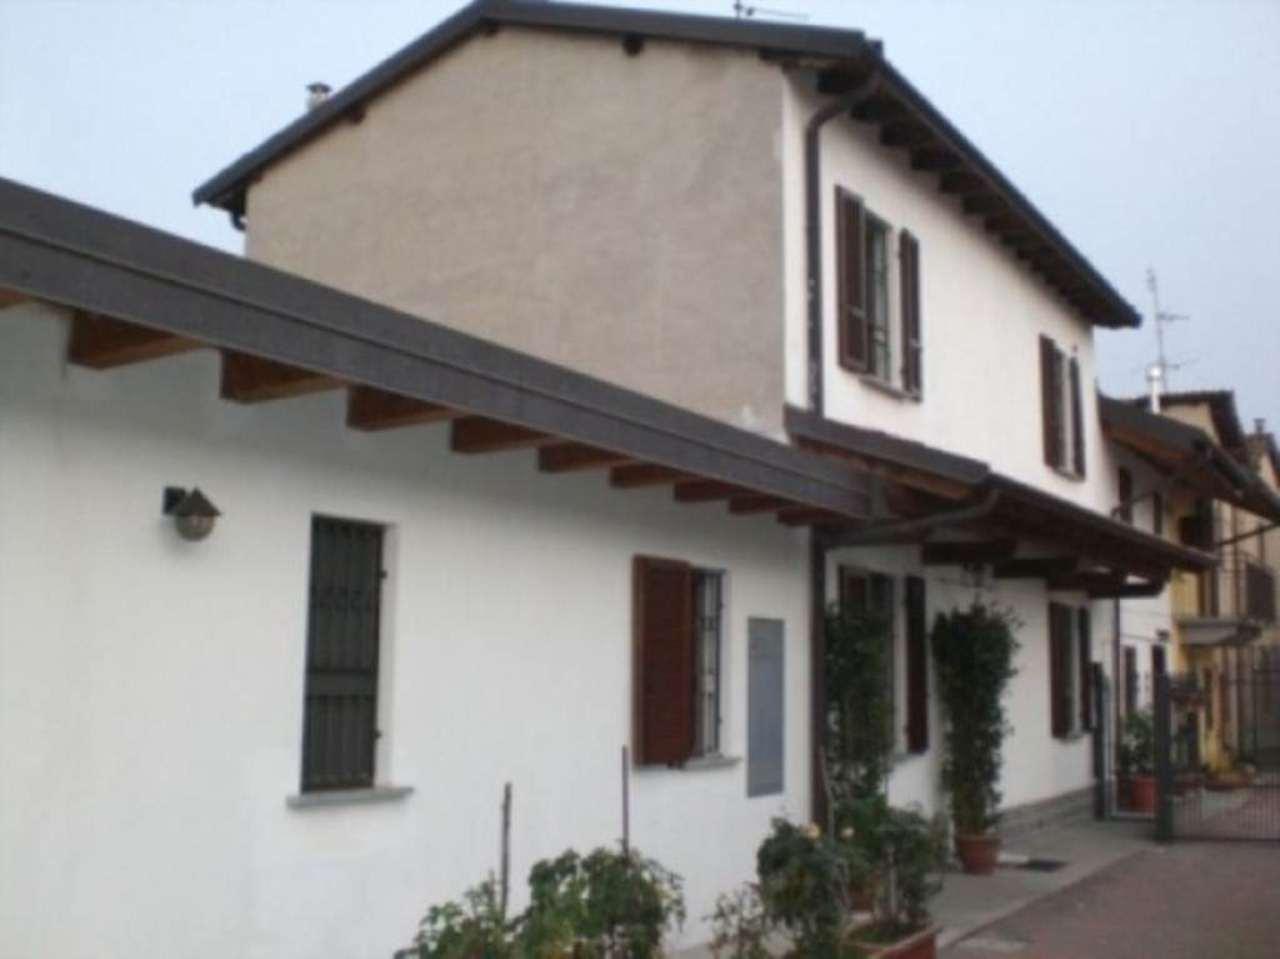 Villa in vendita a Gropello Cairoli, 3 locali, prezzo € 158.000 | Cambio Casa.it